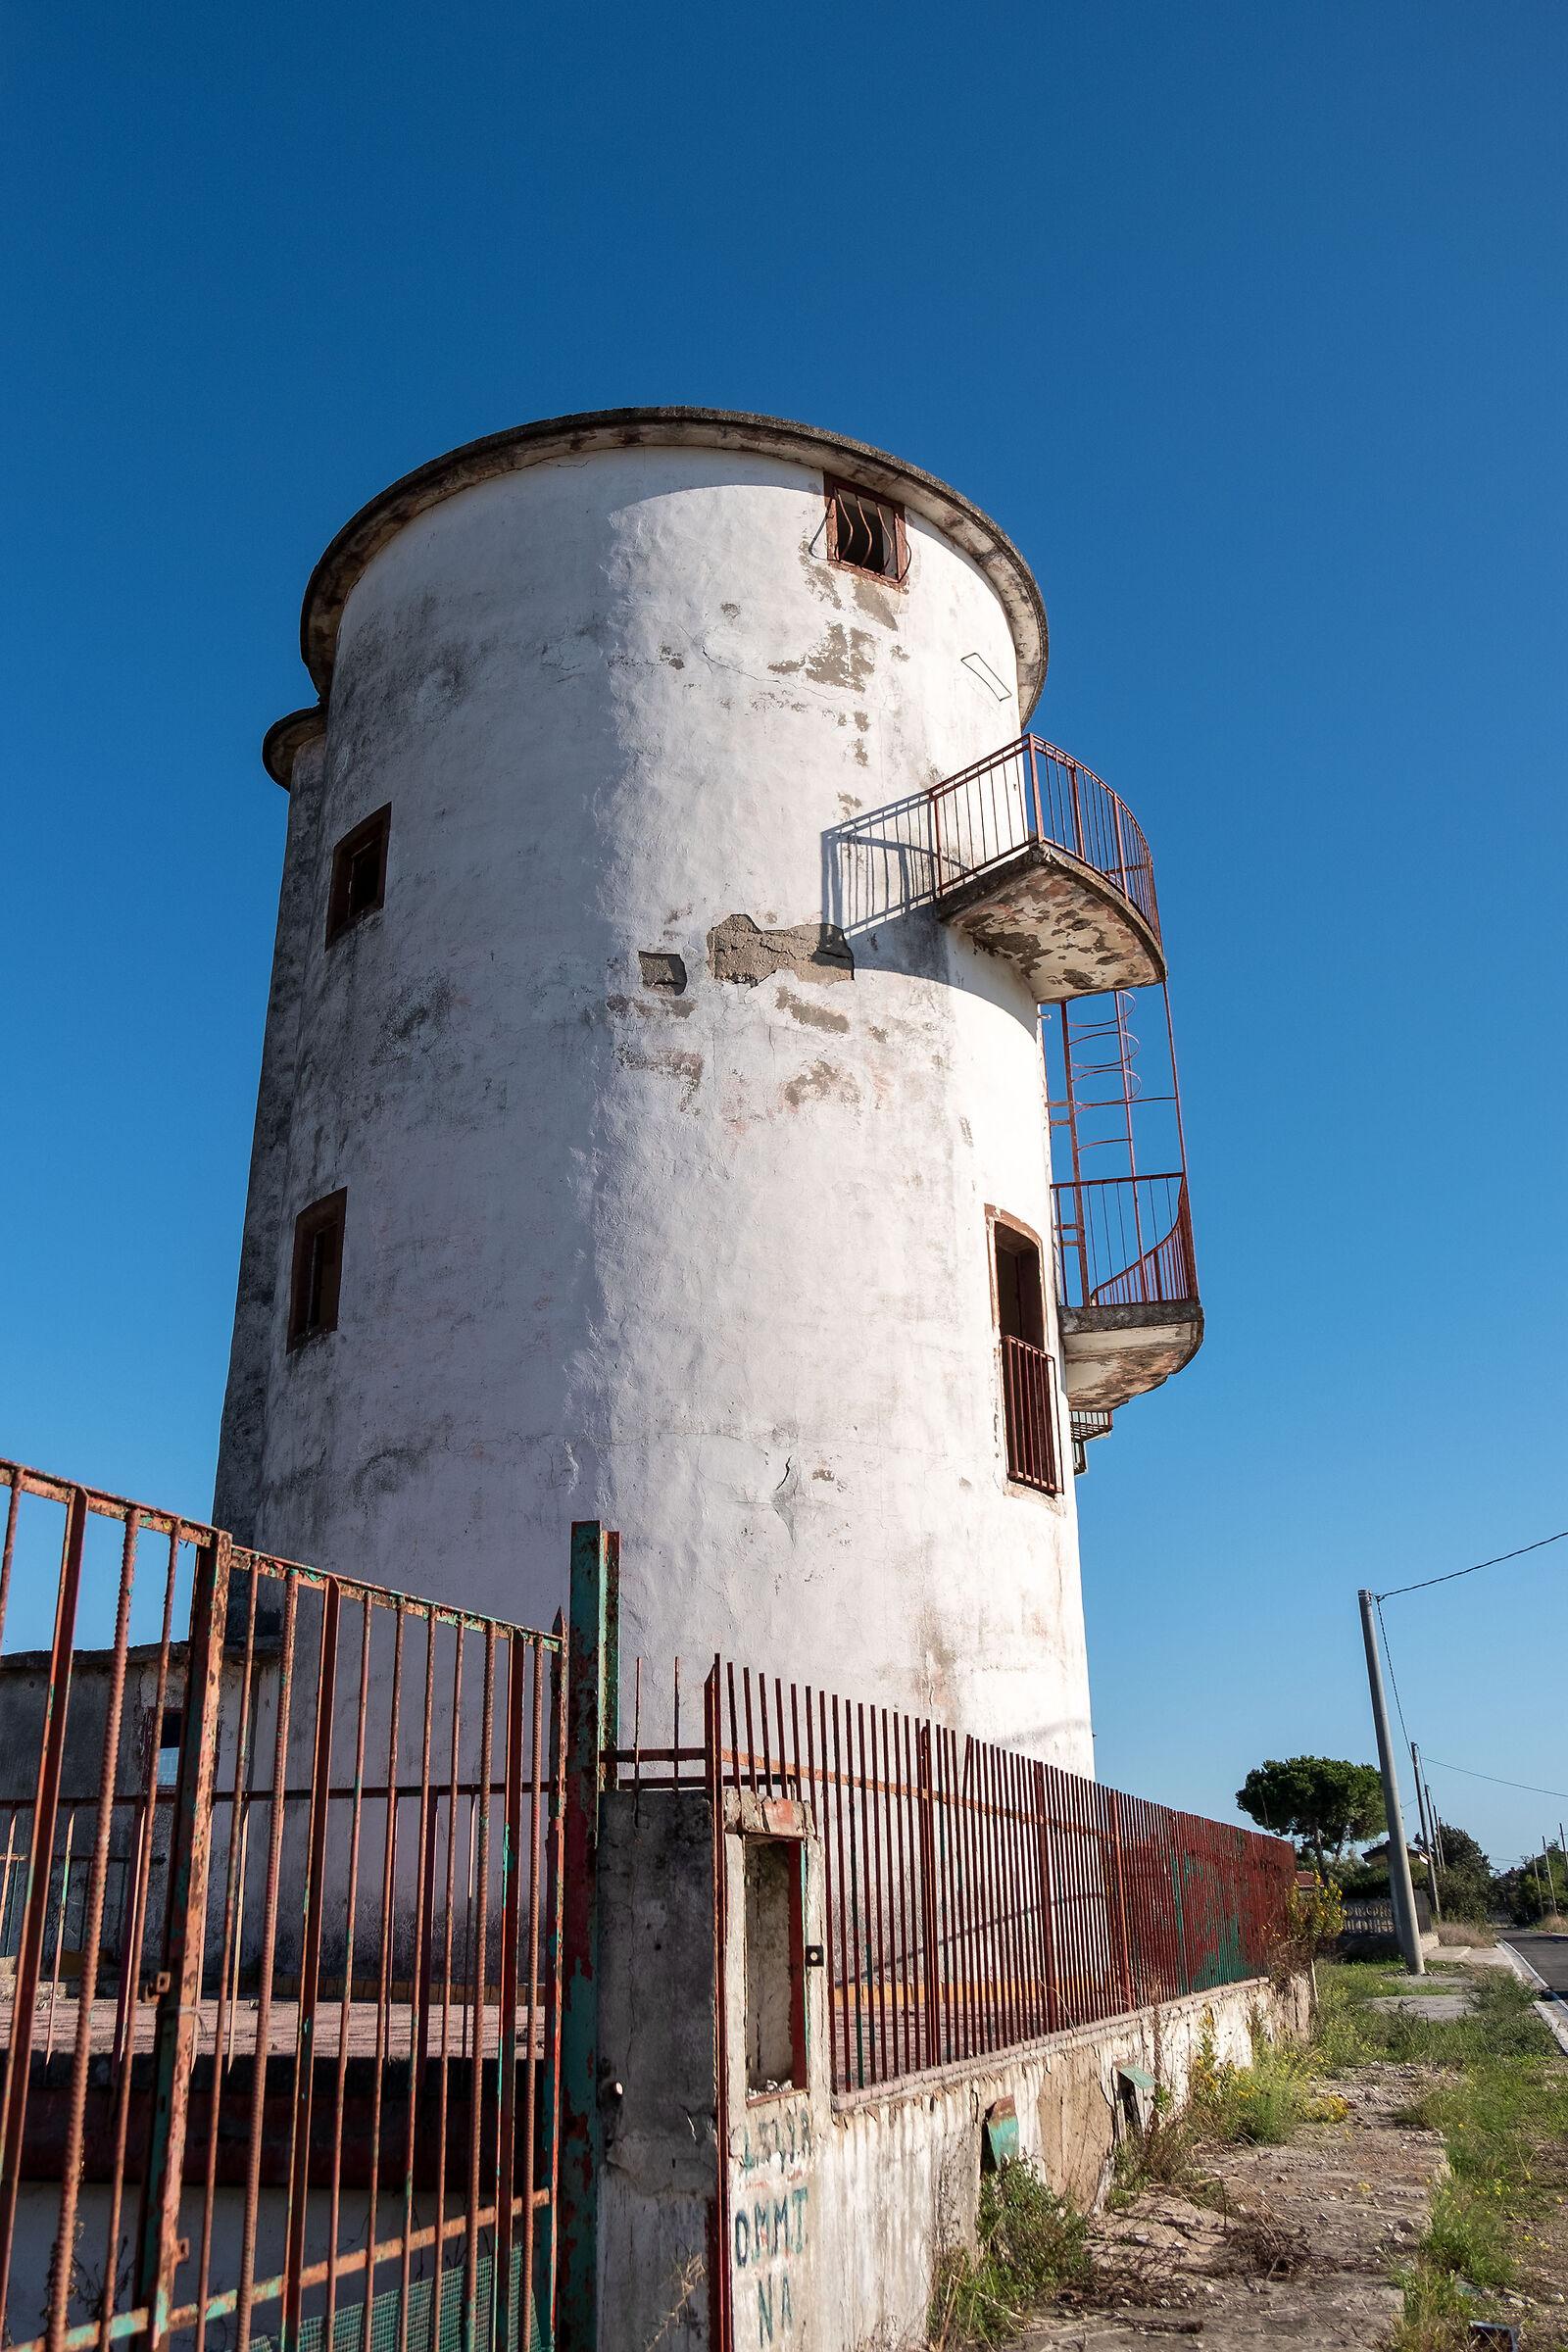 The house-silos...